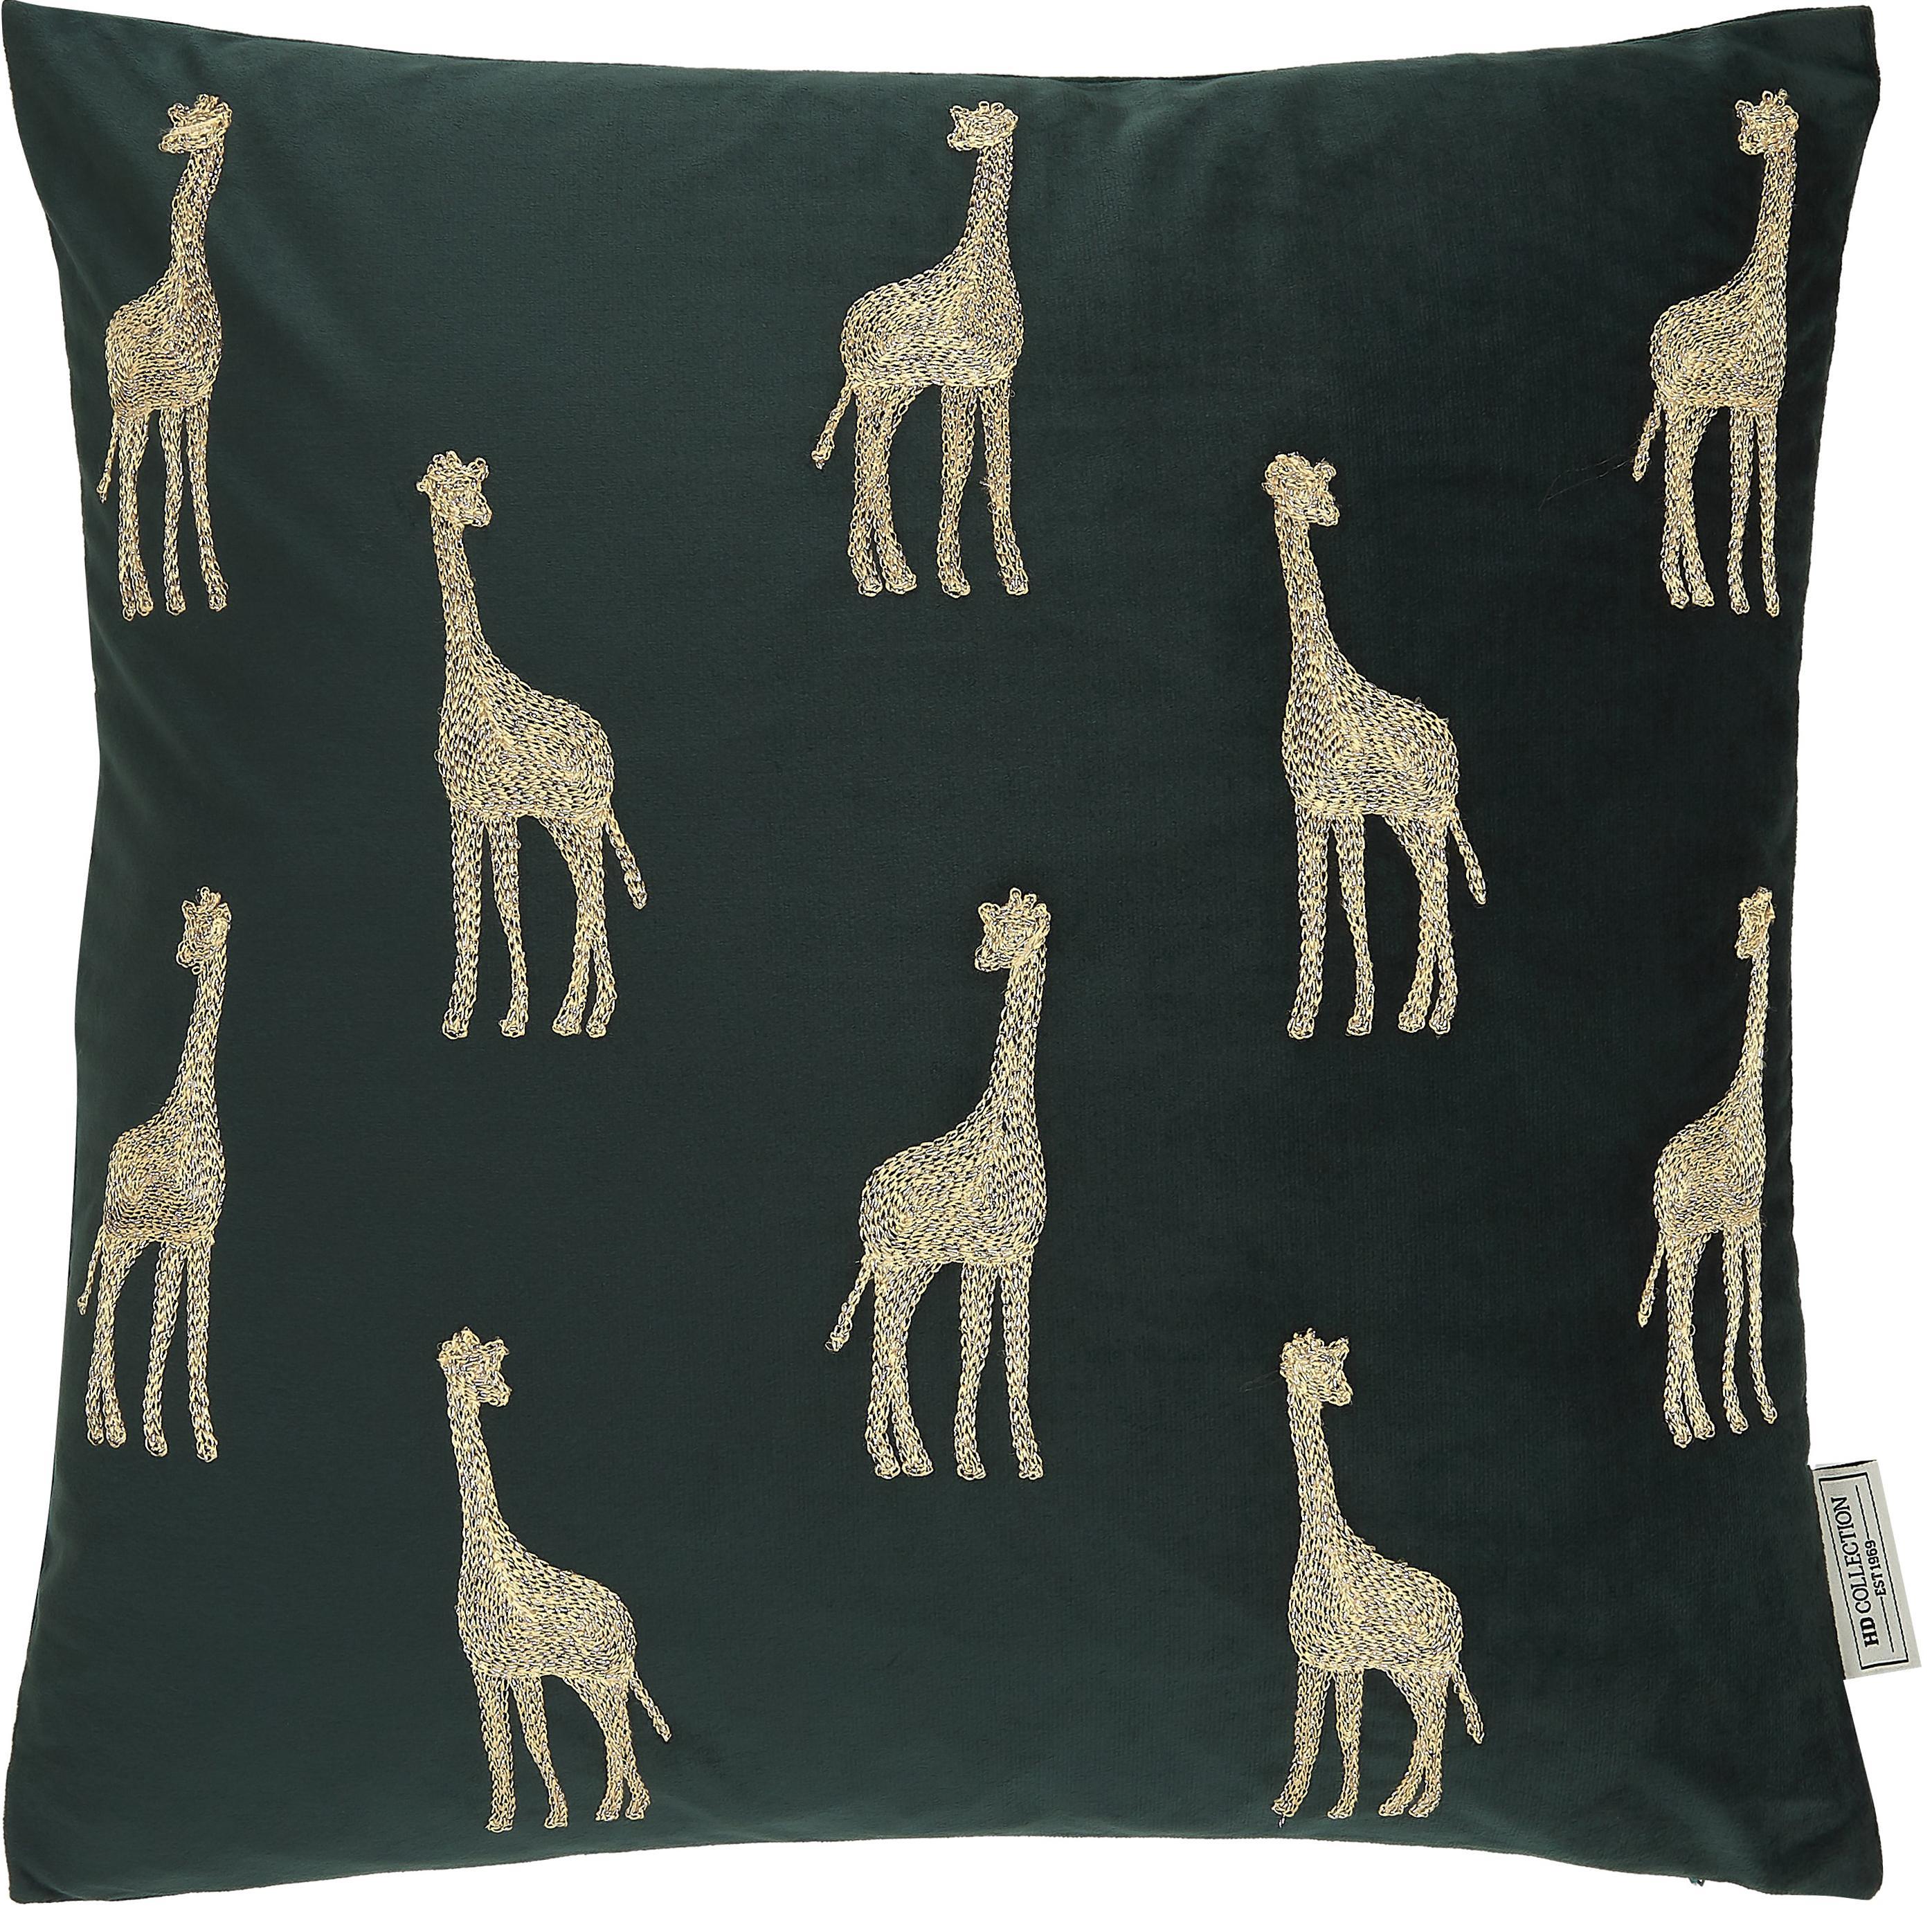 Geborduurd fluwelen kussen Giraffe, met vulling, Fluweel, Groen, goudkleurig, 45 x 45 cm